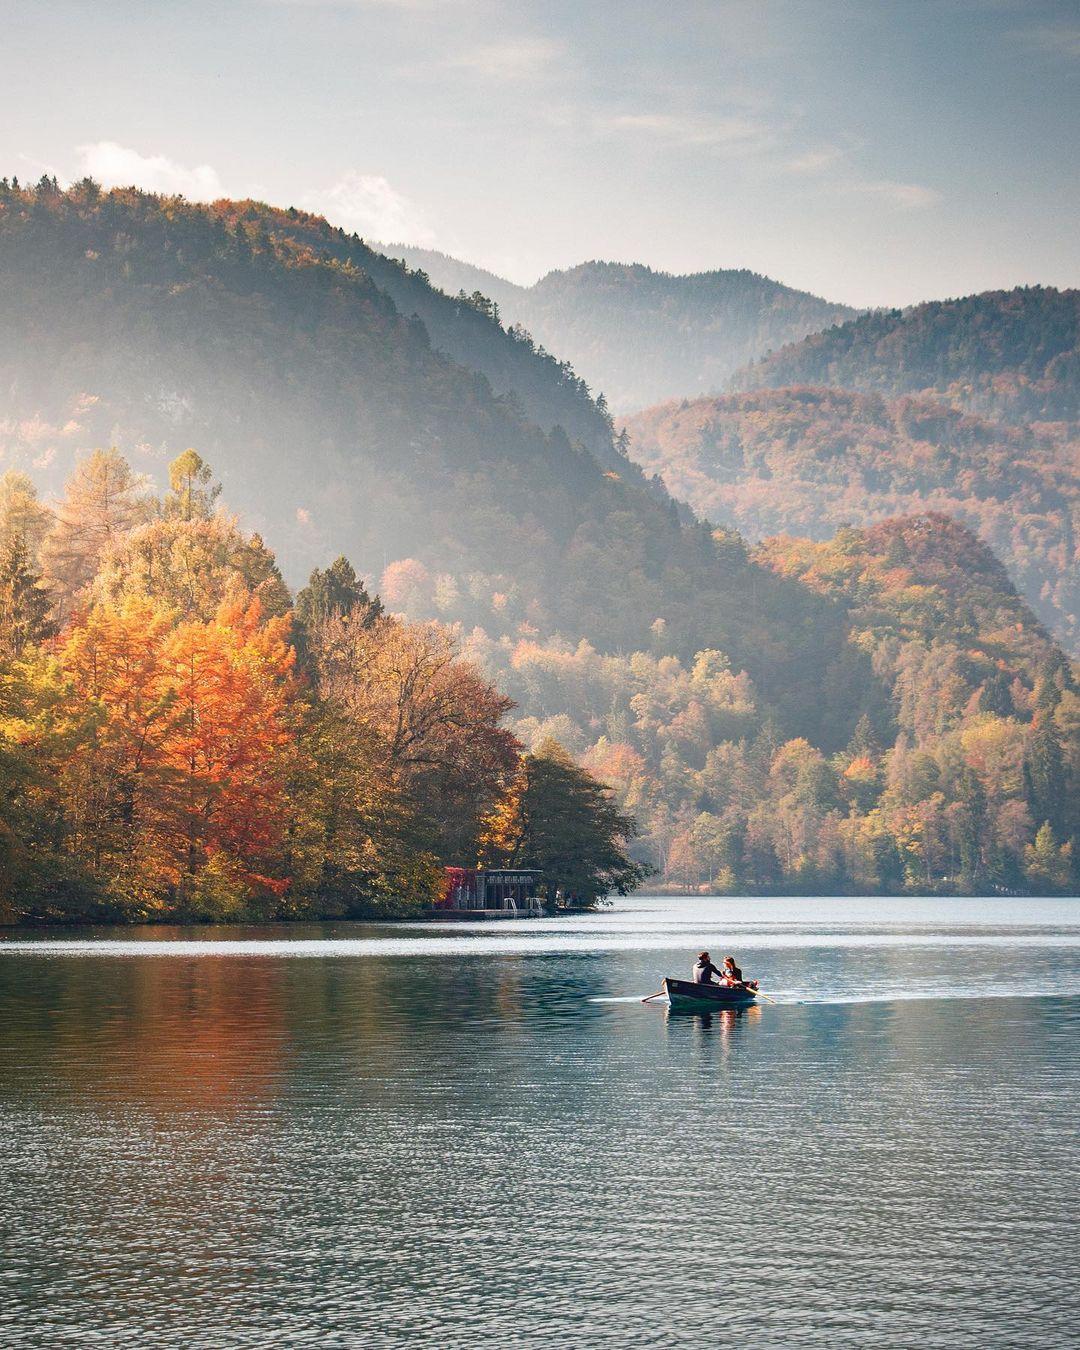 Природа и путешествия на снимках Хеджи Бенджамина